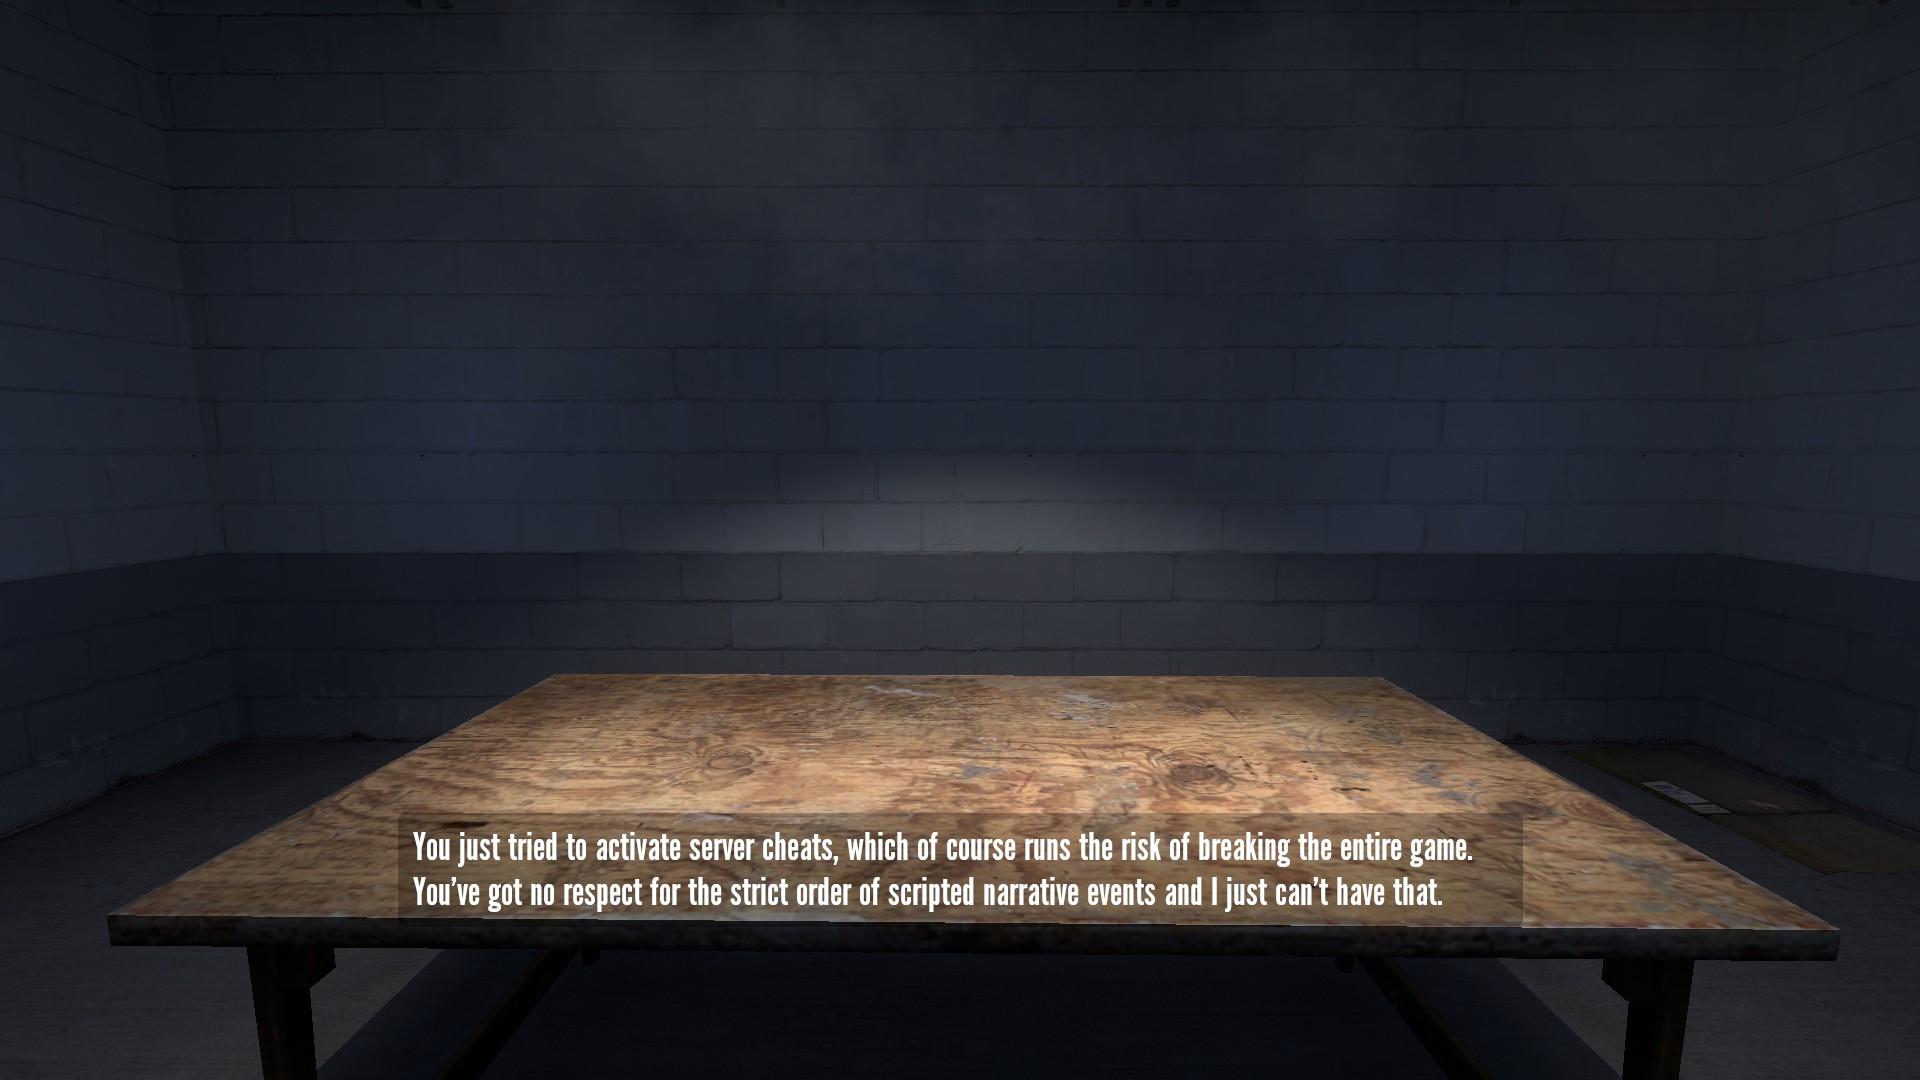 PC ゲーマーおなじみの sv_cheats 1 を入力すると、懲罰部屋へ飛ばされます